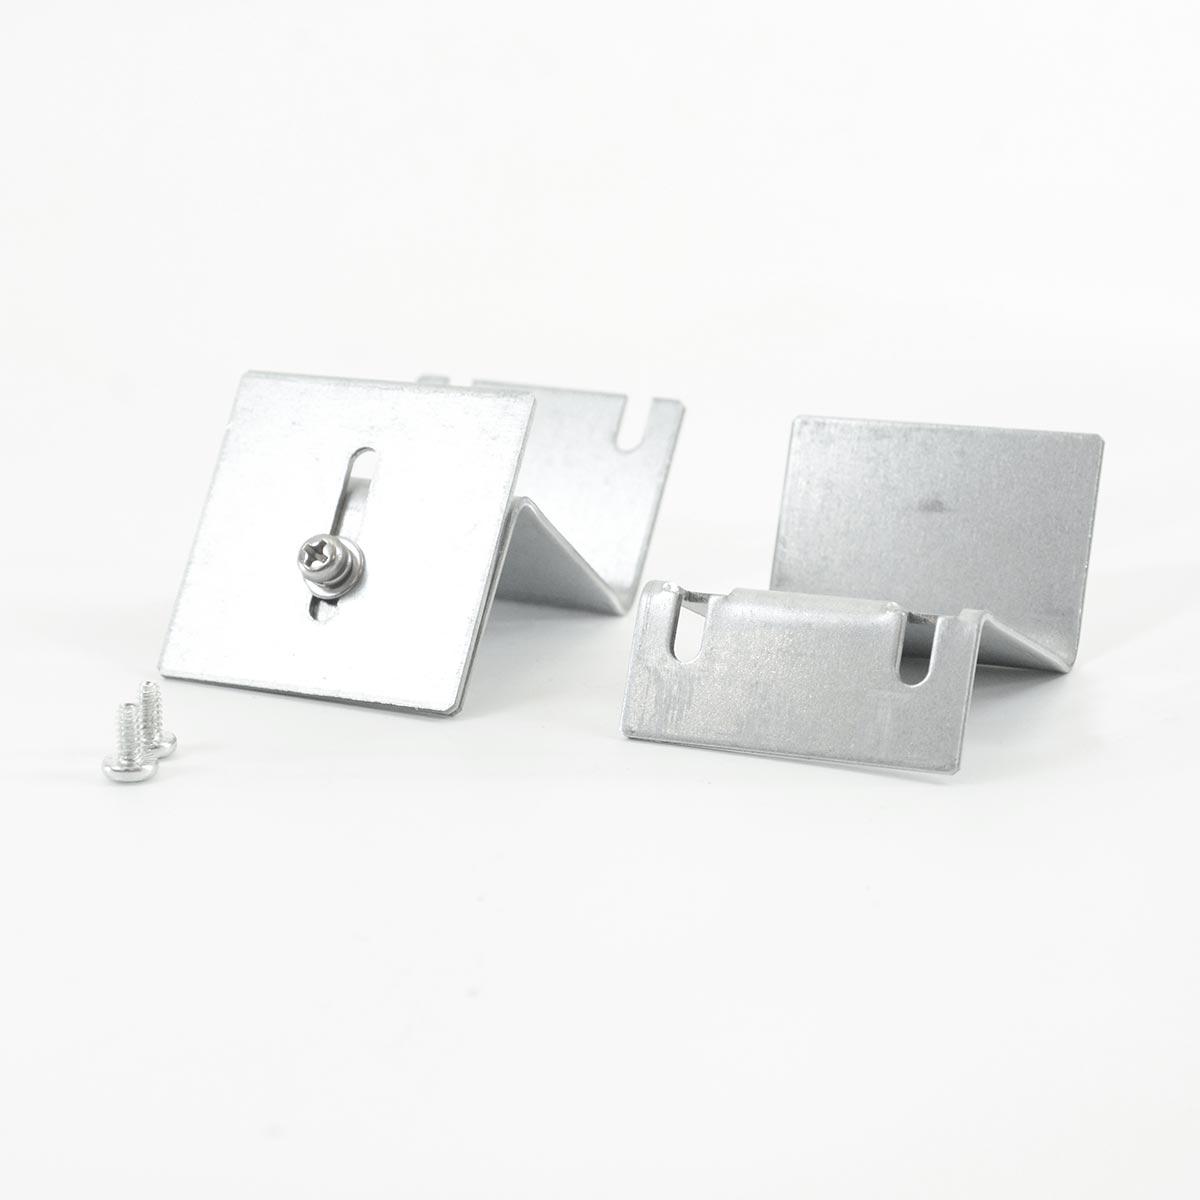 led zubeh r montage set deckeneinbau winkelsystem f r light panel serie. Black Bedroom Furniture Sets. Home Design Ideas